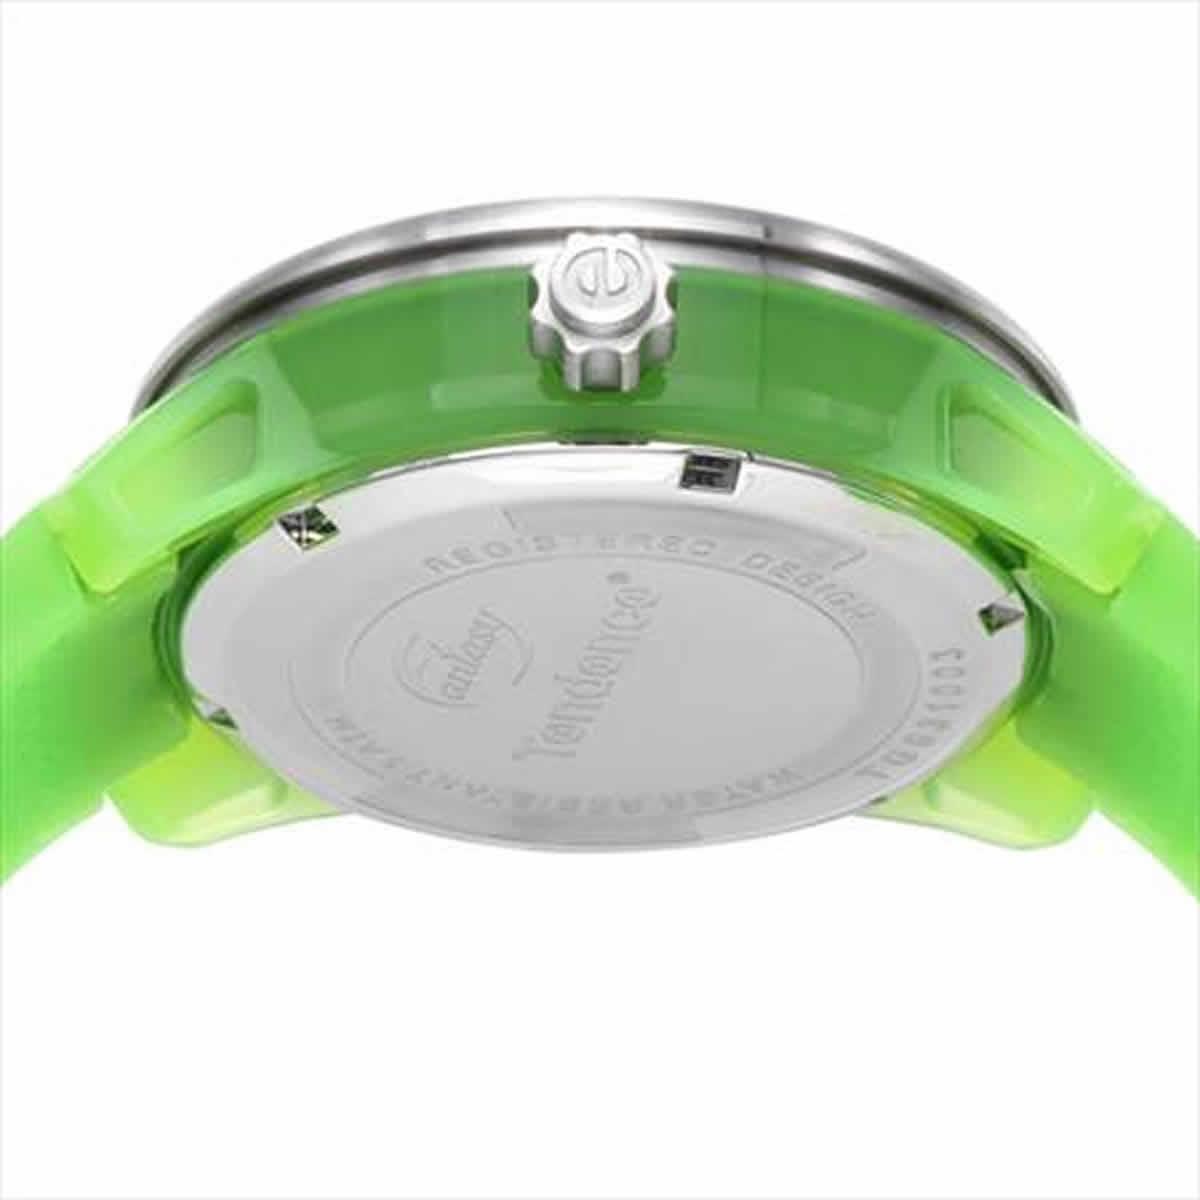 テンデンス 腕時計 ファンタジー フルオ